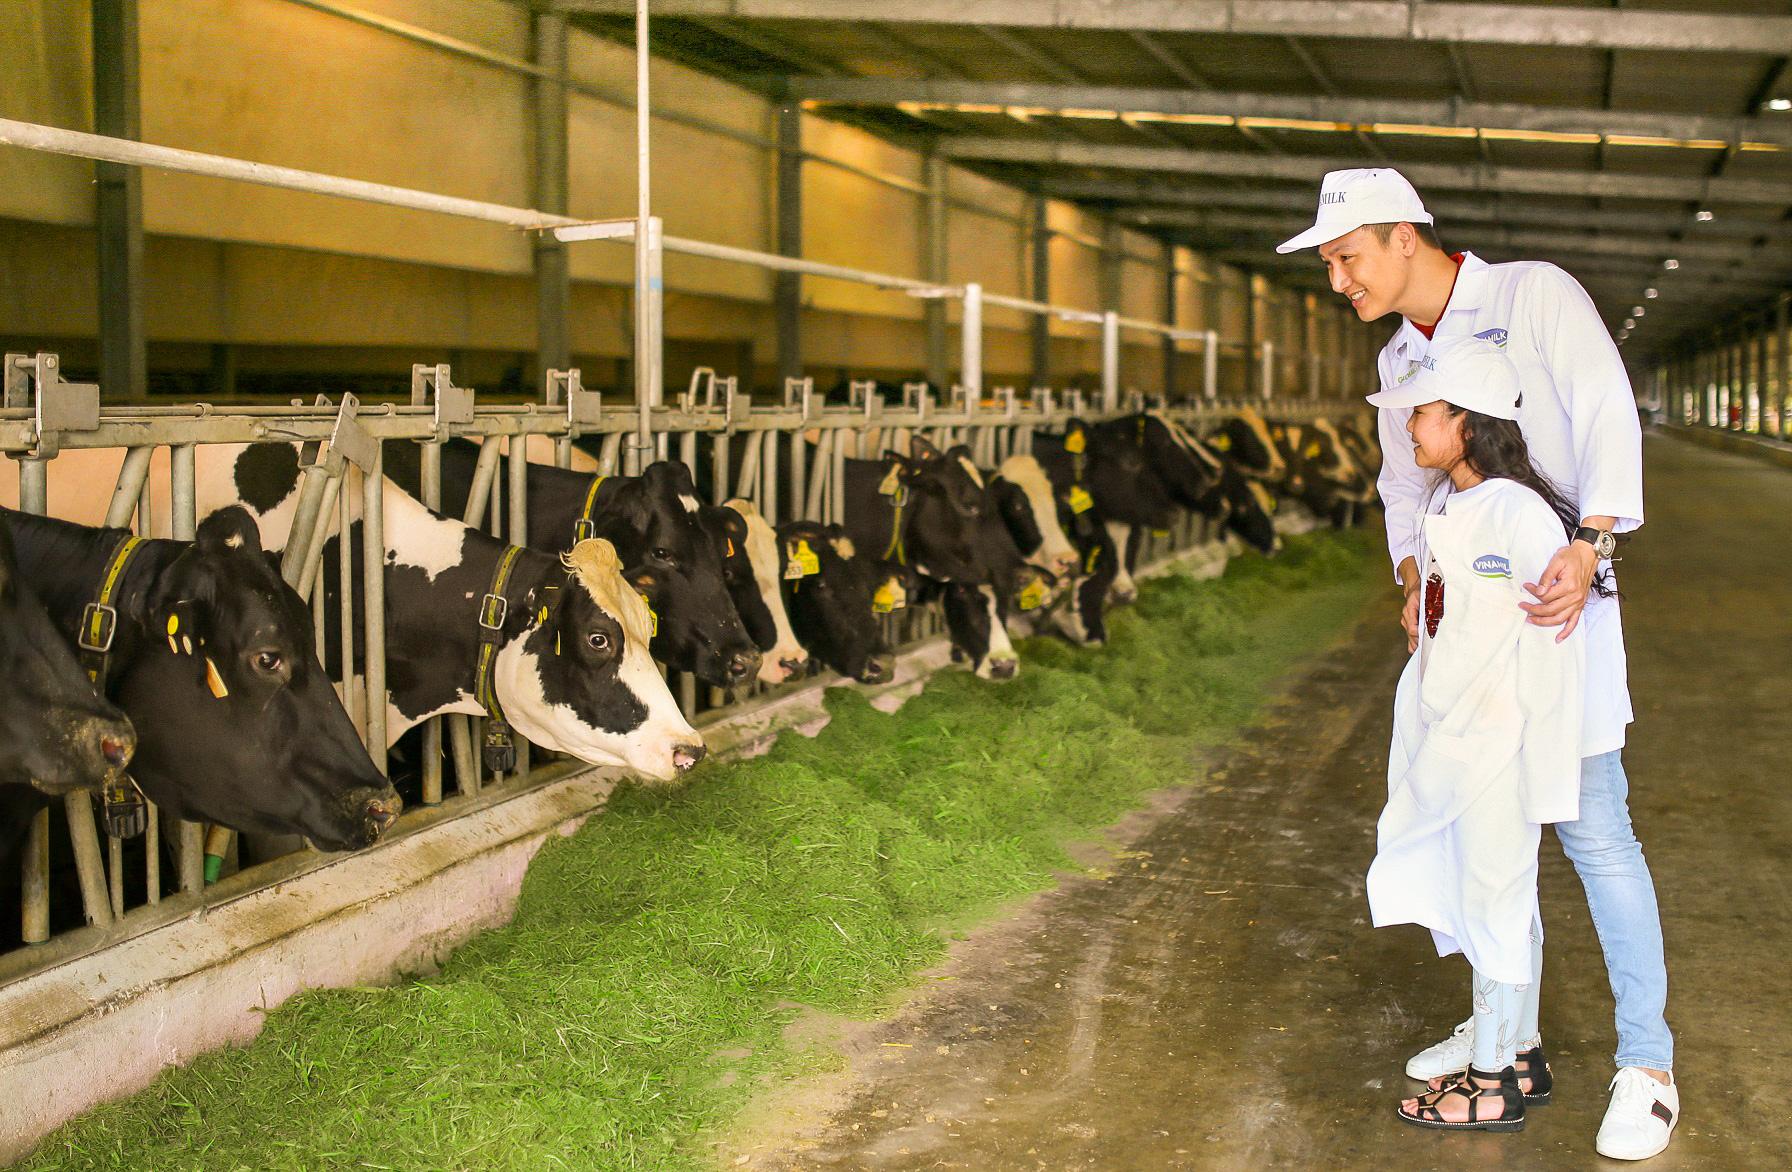 Tận mắt thấy những cô bò ở 'Resort' góp công vào ly sữa học đường - Ảnh 4